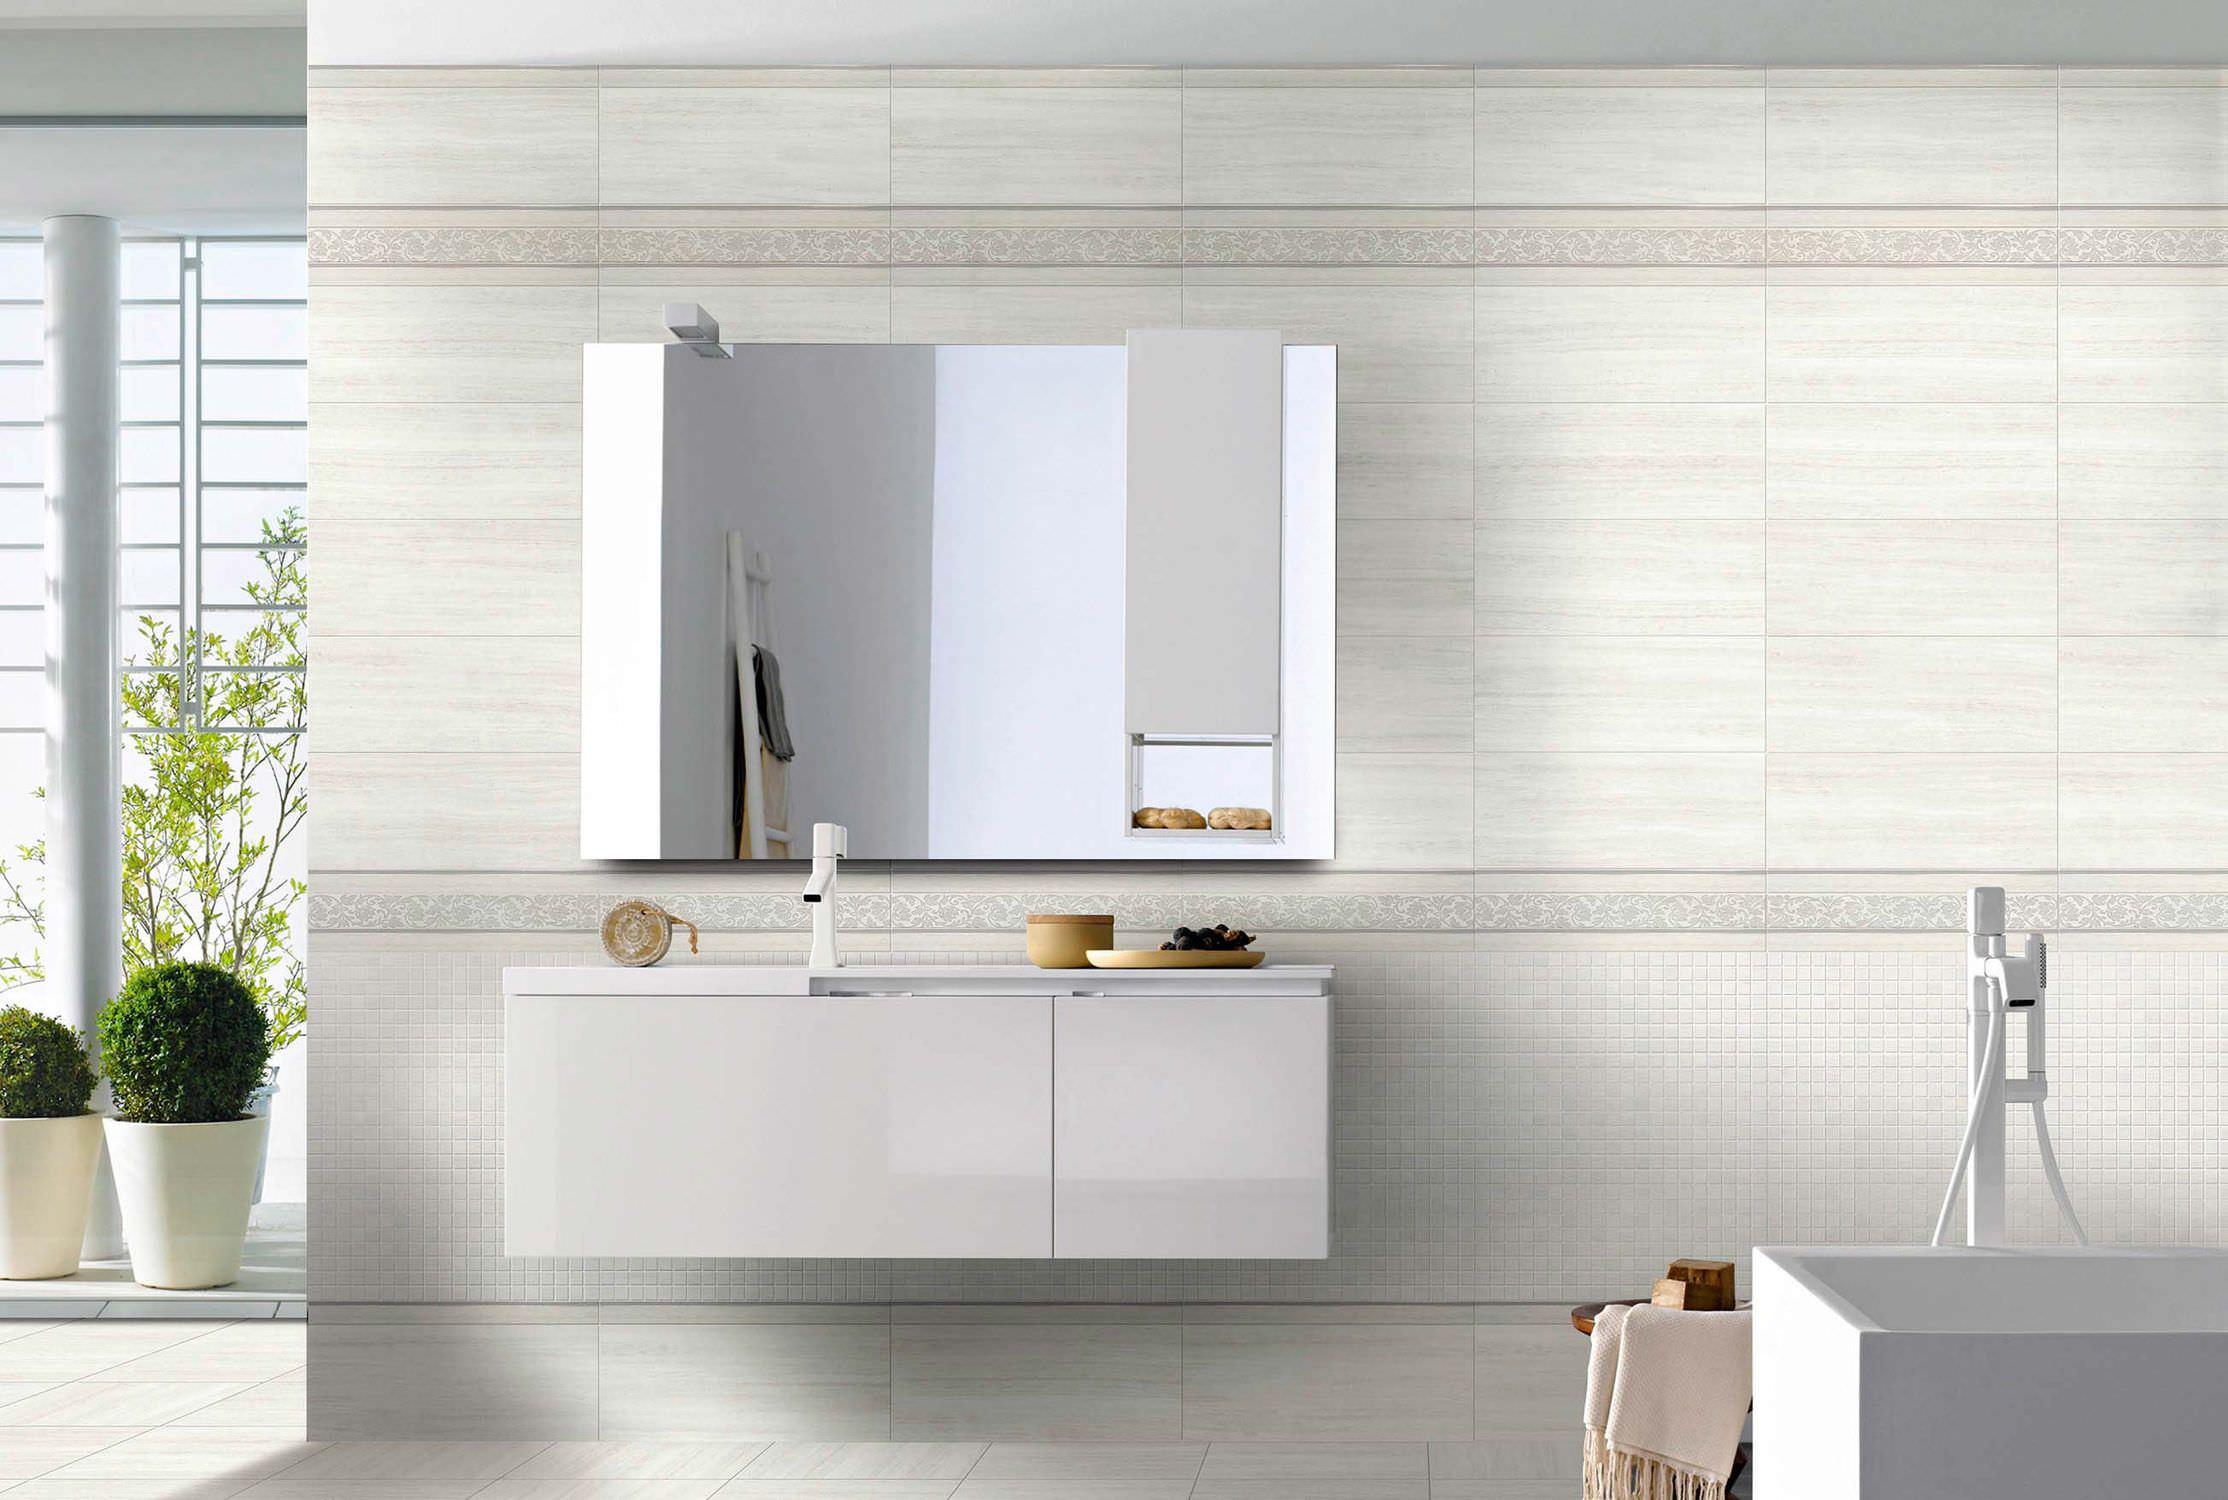 Bathroom tile / floor / for floors / porcelain stoneware - SPLENDIDA ...